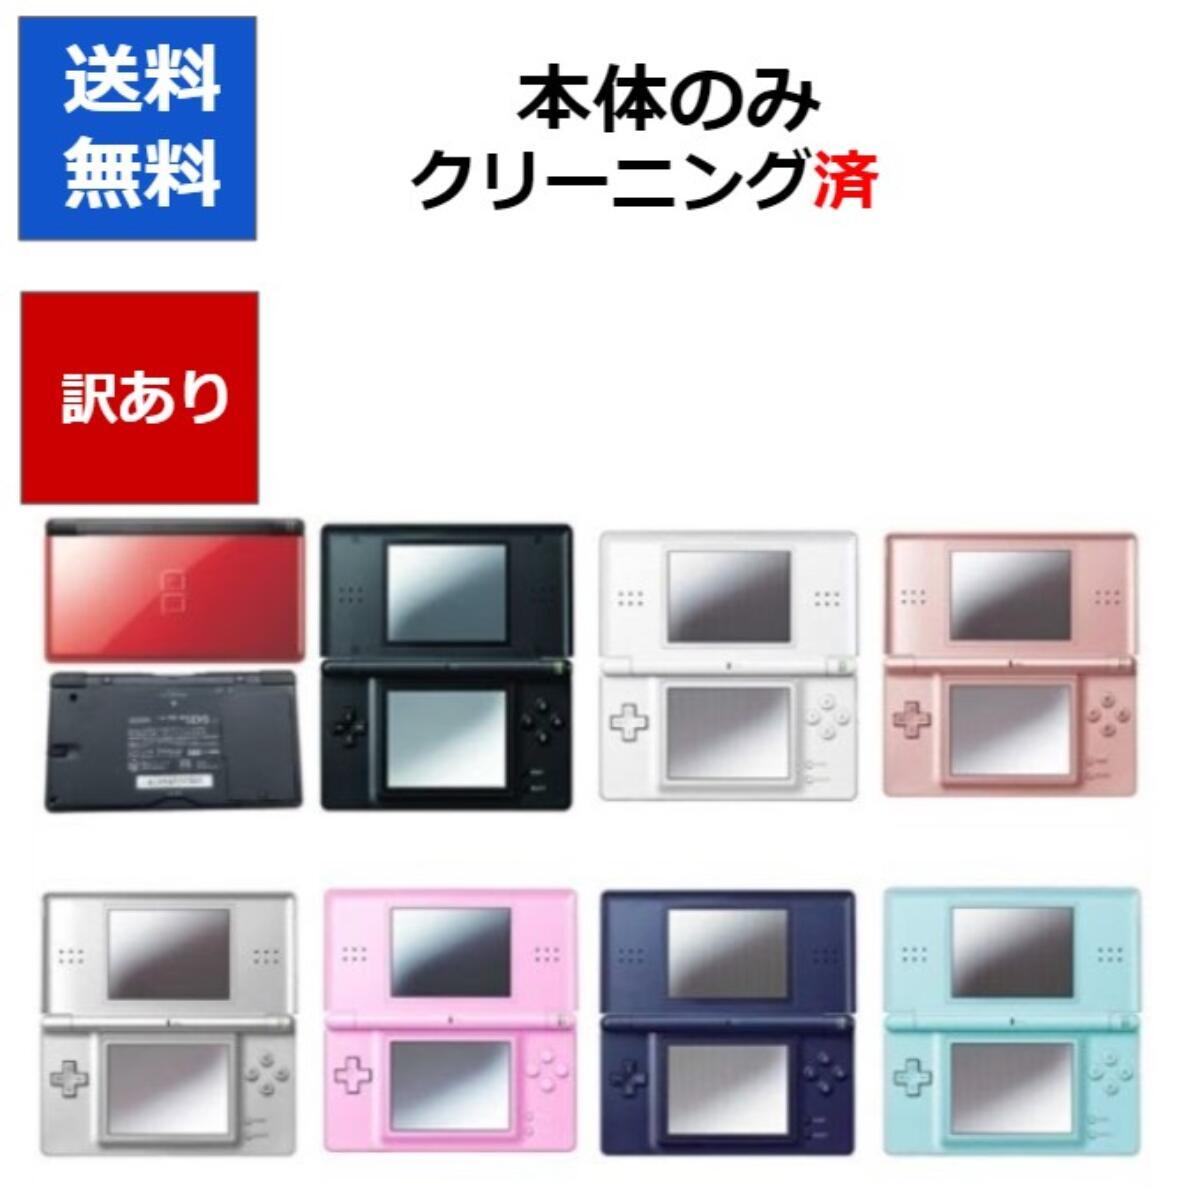 送料無料 激安セール DS Lite ニンテンドーDS 訳アリ アウトレット品 カラーランダム8色 購入 中古 任天堂 本体のみ